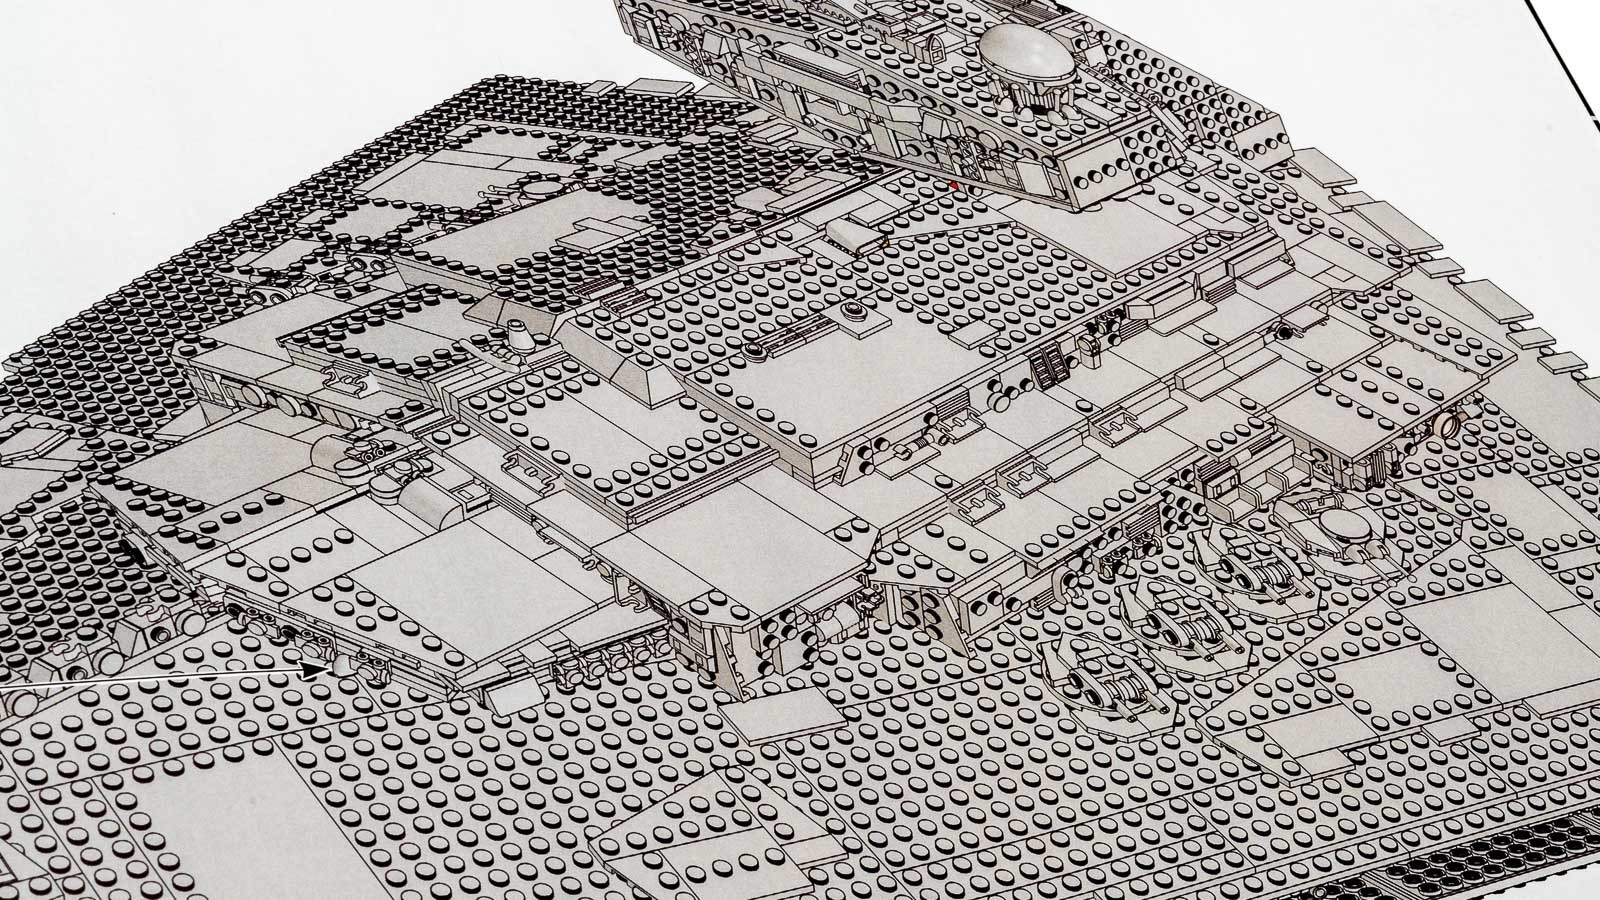 全長1mオーバー、LEGOで組む巨大なスター・デストロイヤーに本物の「優しさ」を感じた話_b0029315_17503801.jpg